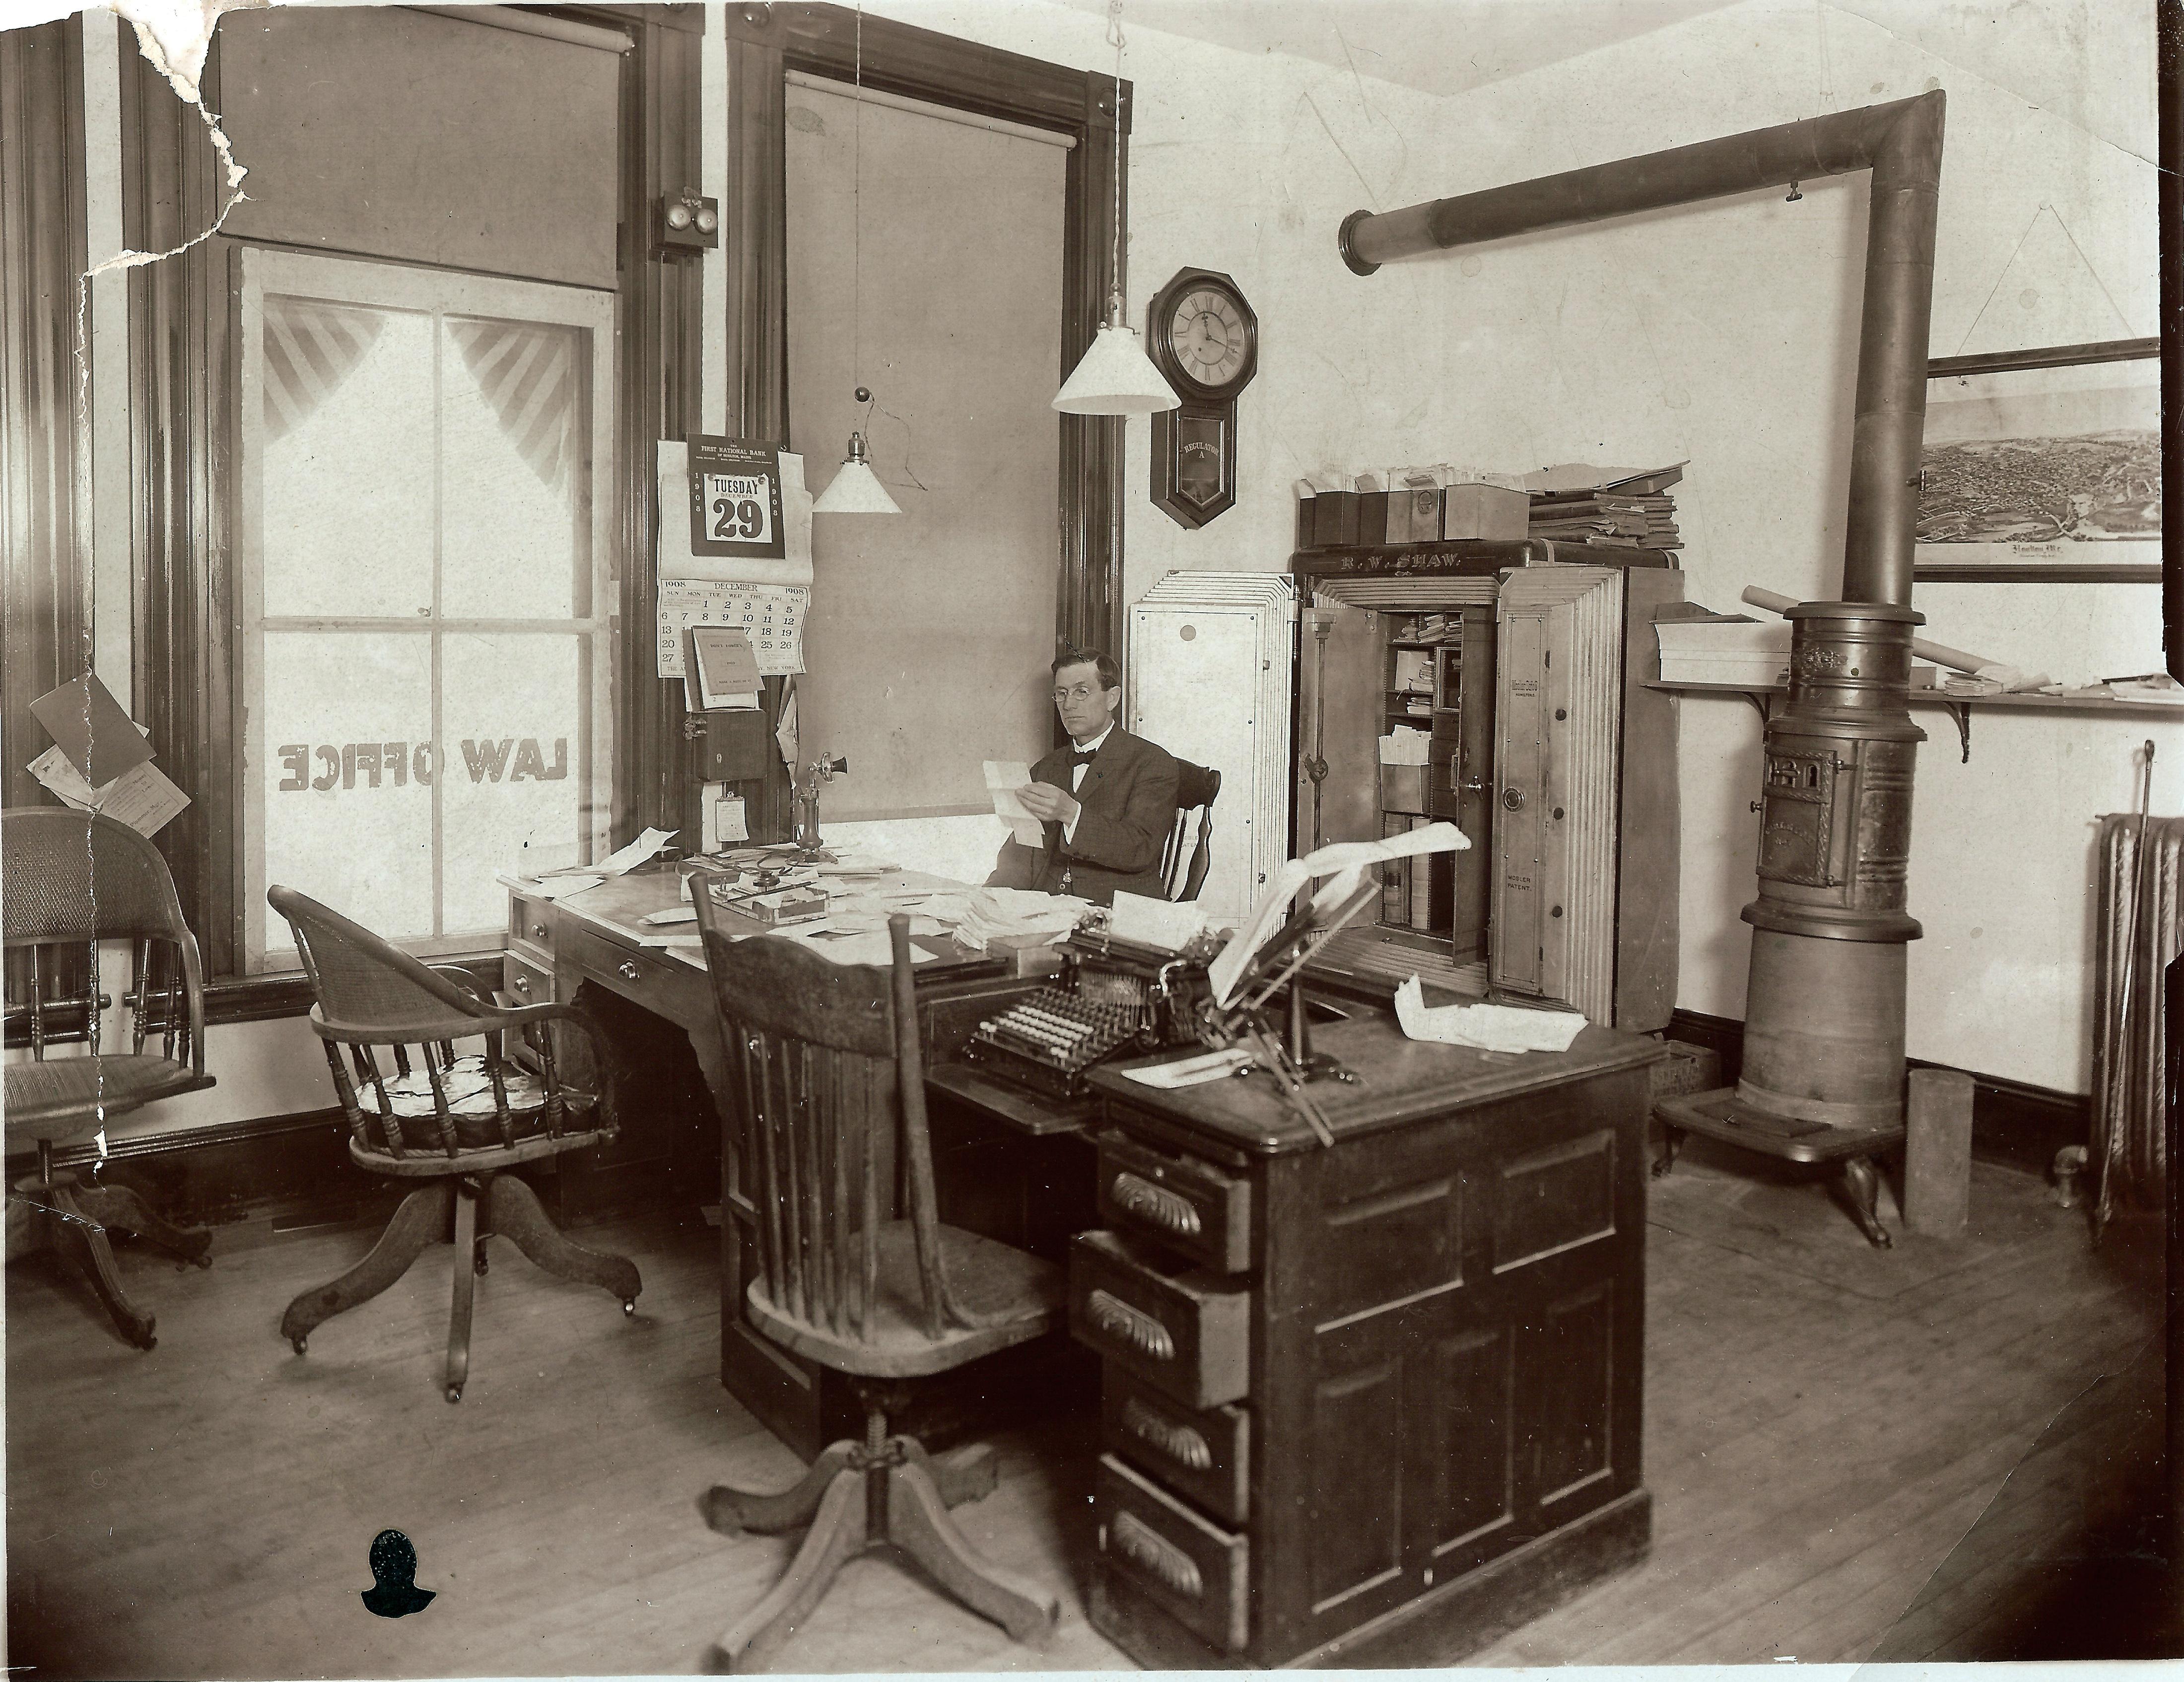 Ramsford Shaw Dec 29 1908